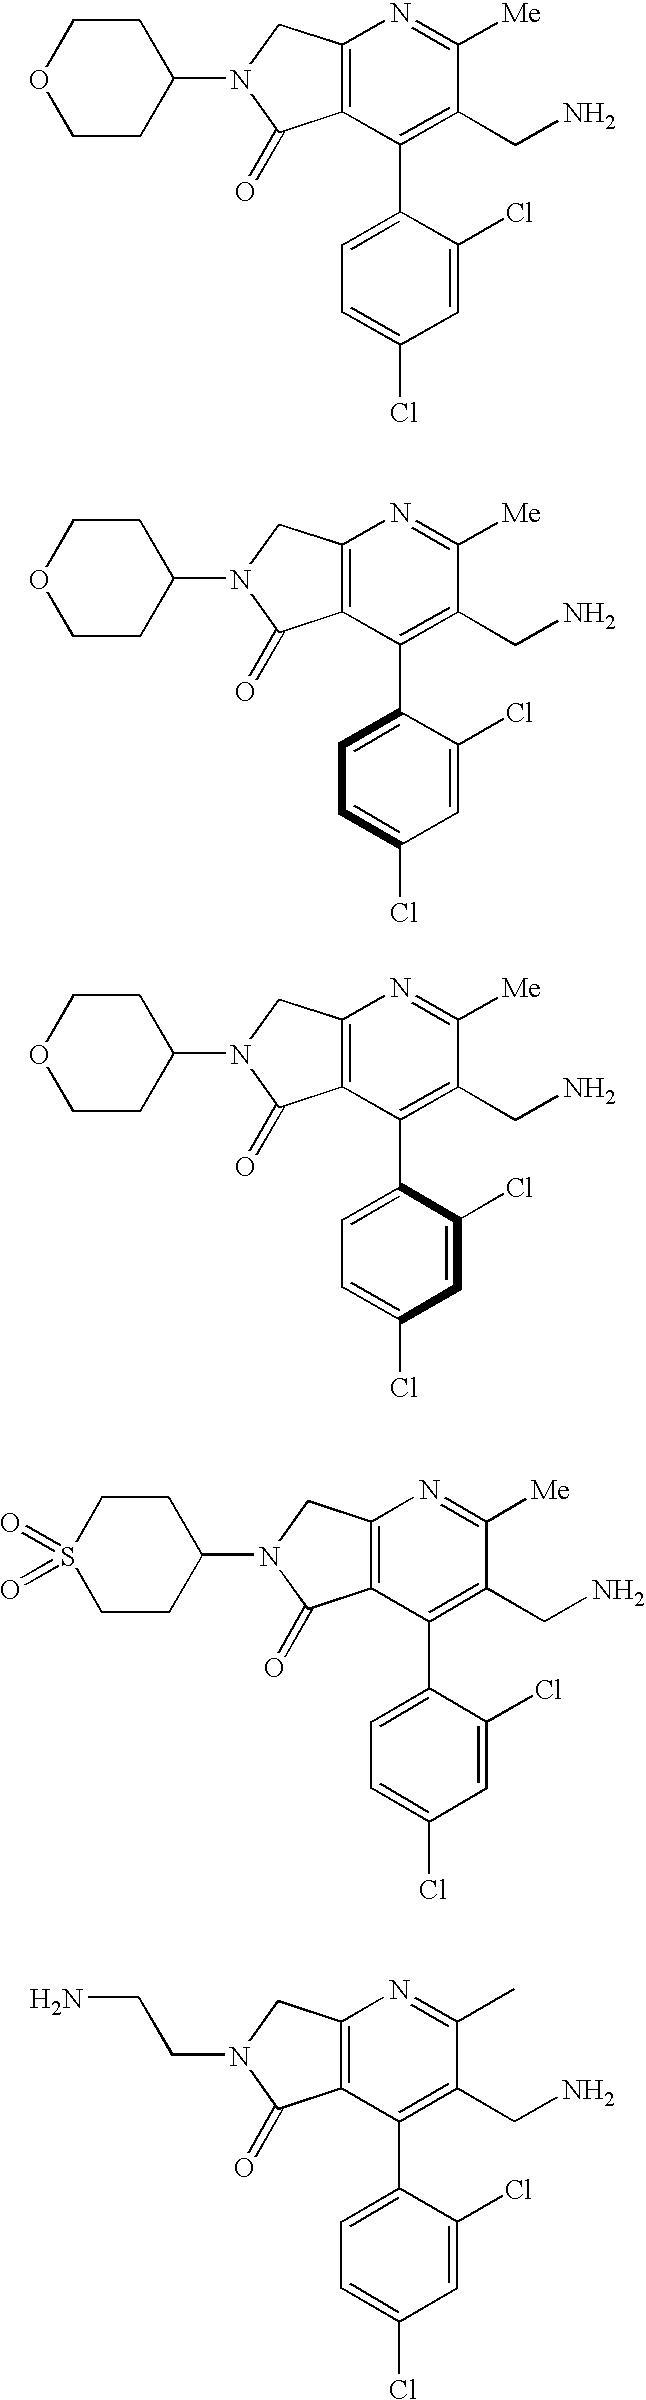 Figure US07521557-20090421-C00322